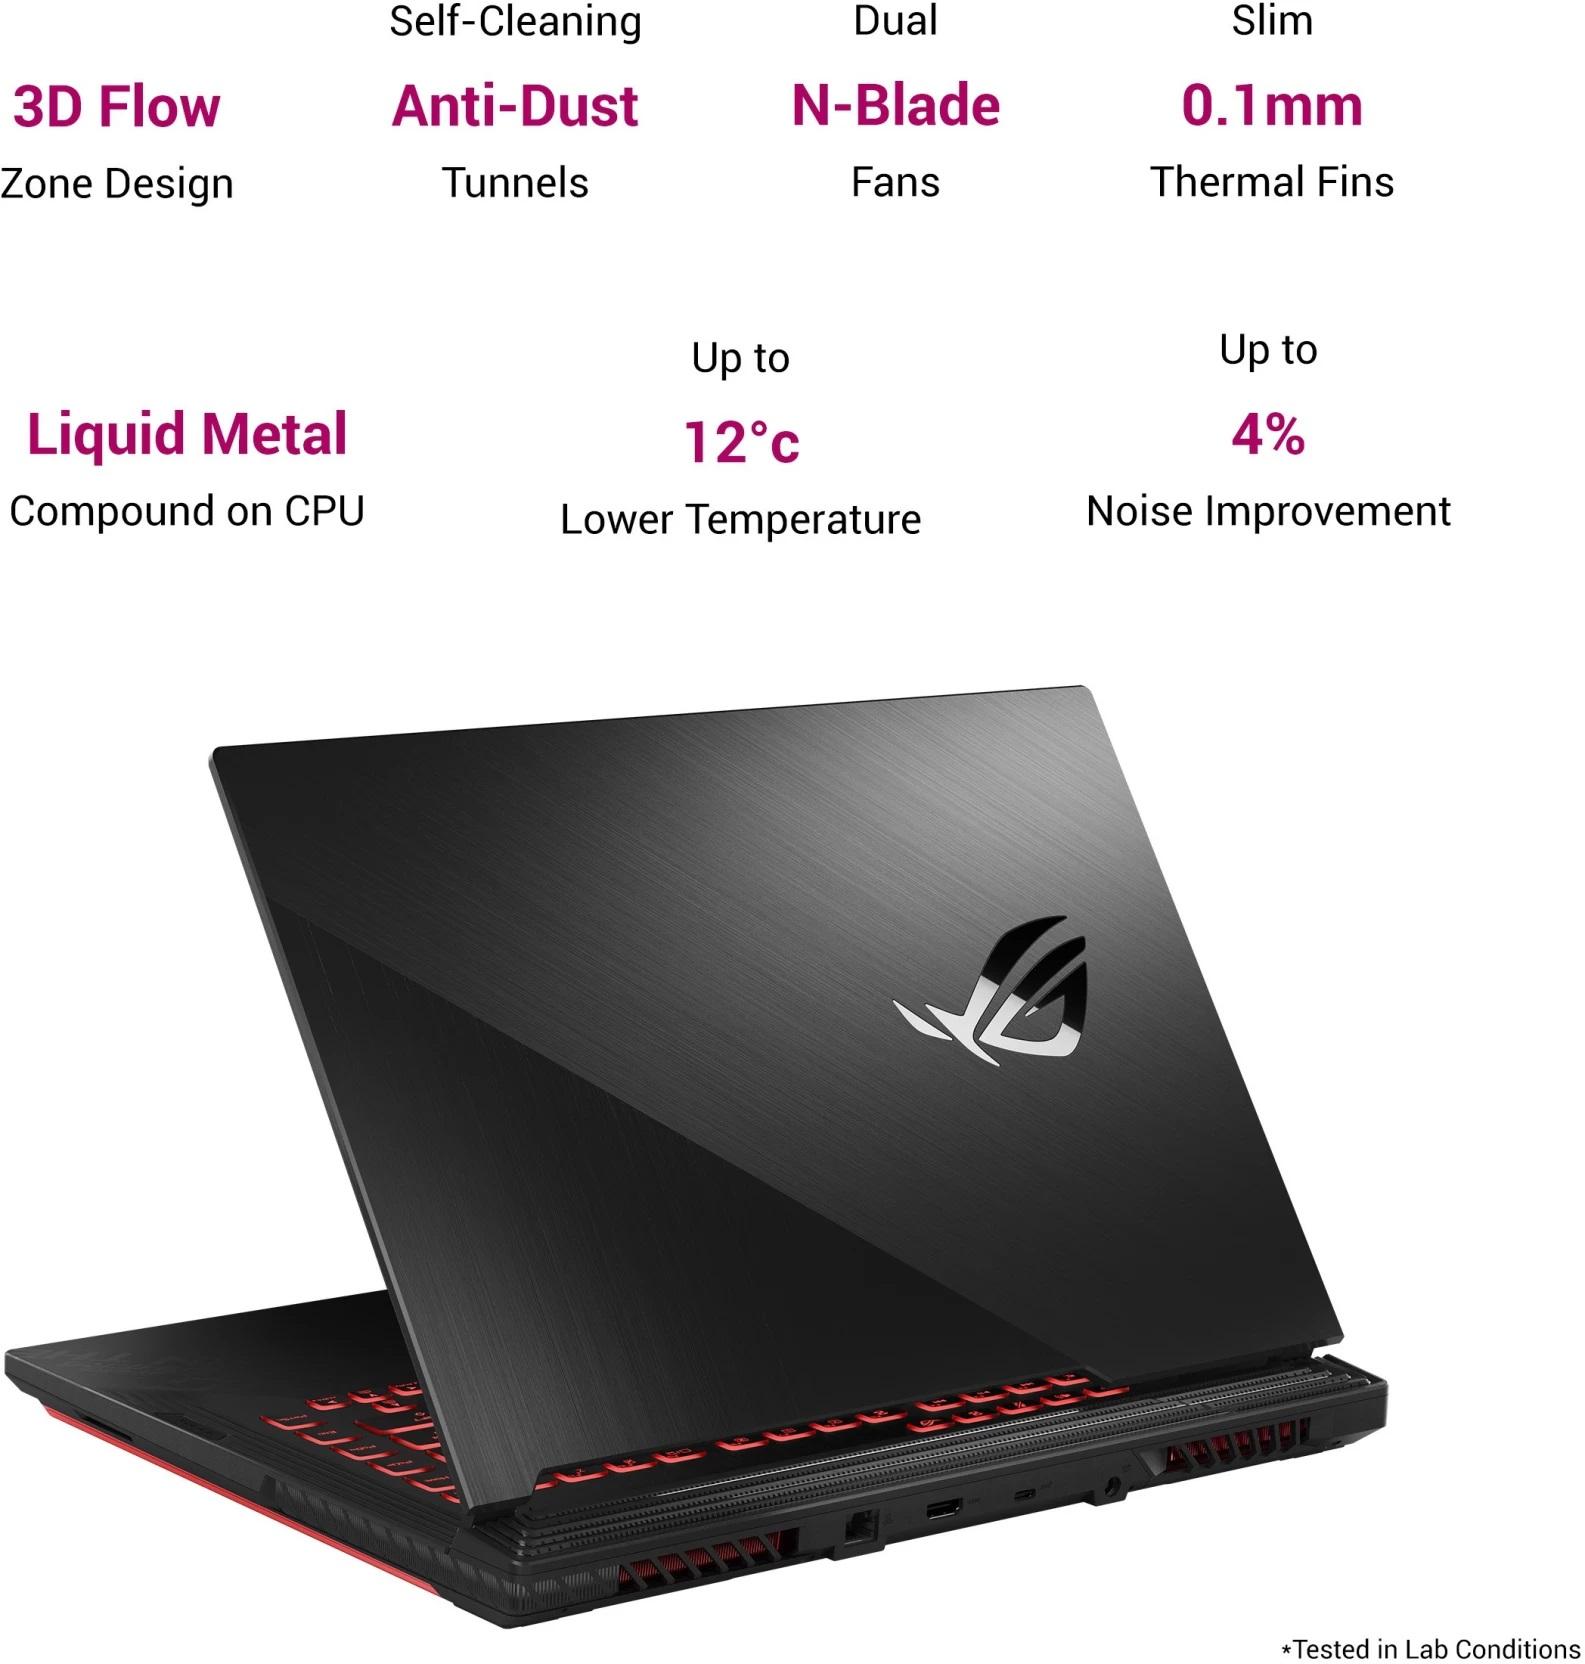 ASUS ROG RTX gaming laptop